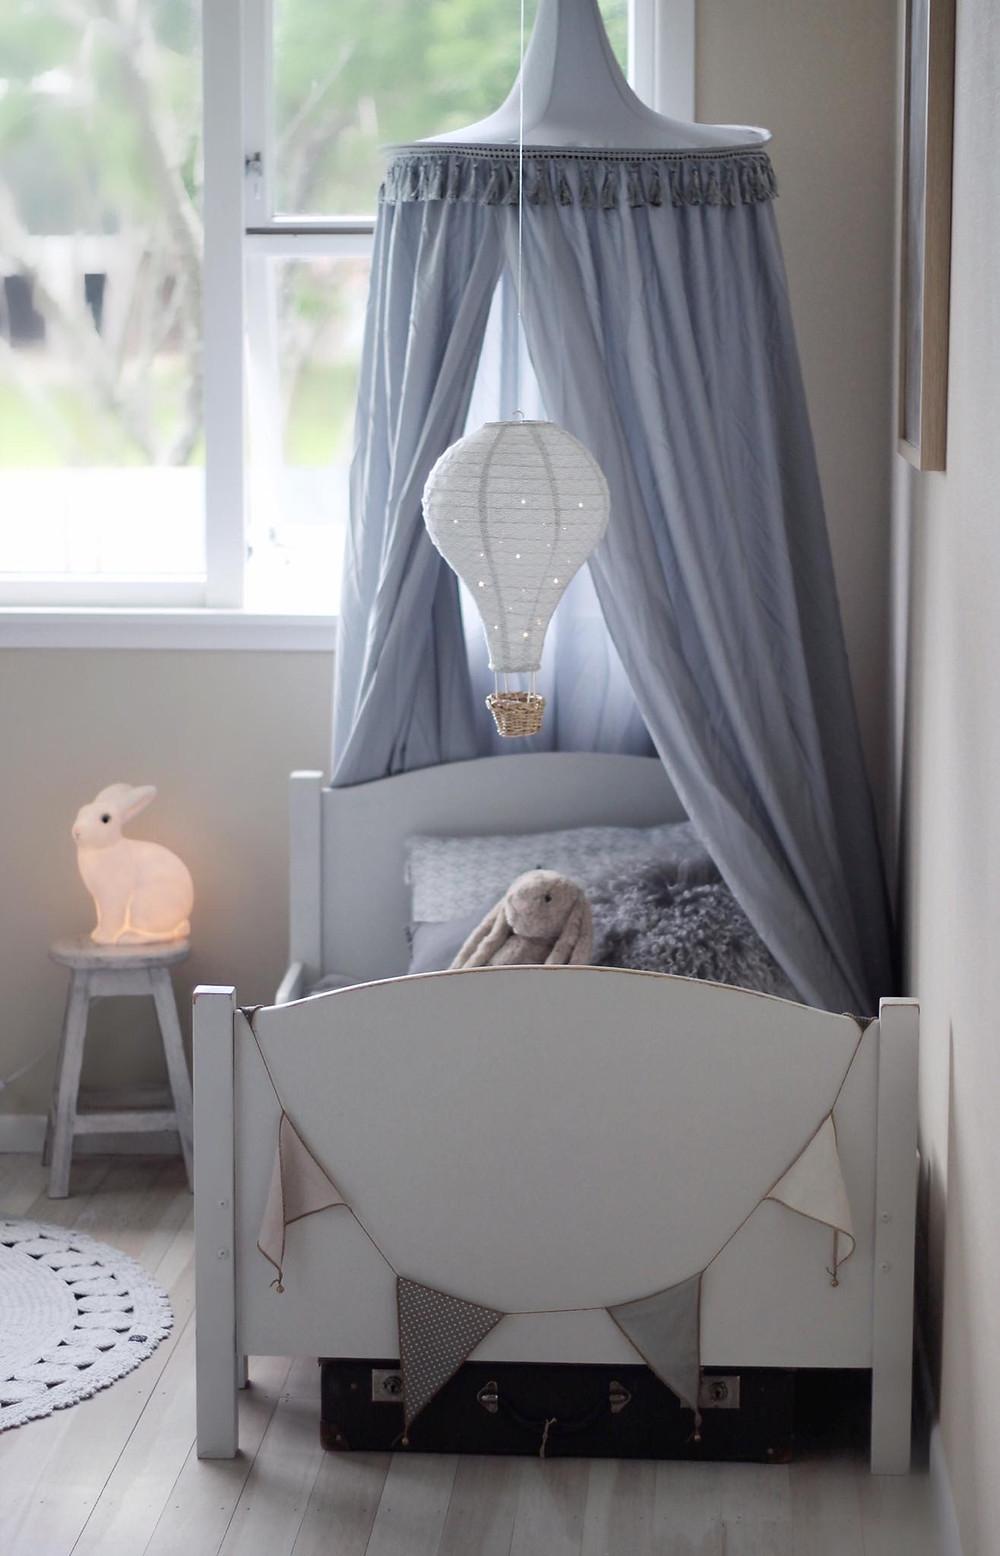 kids canopy | kidsroom ideas | |блог senko architects| дизайн интерьера детской комнаты | дизайнер интерьера украина киев